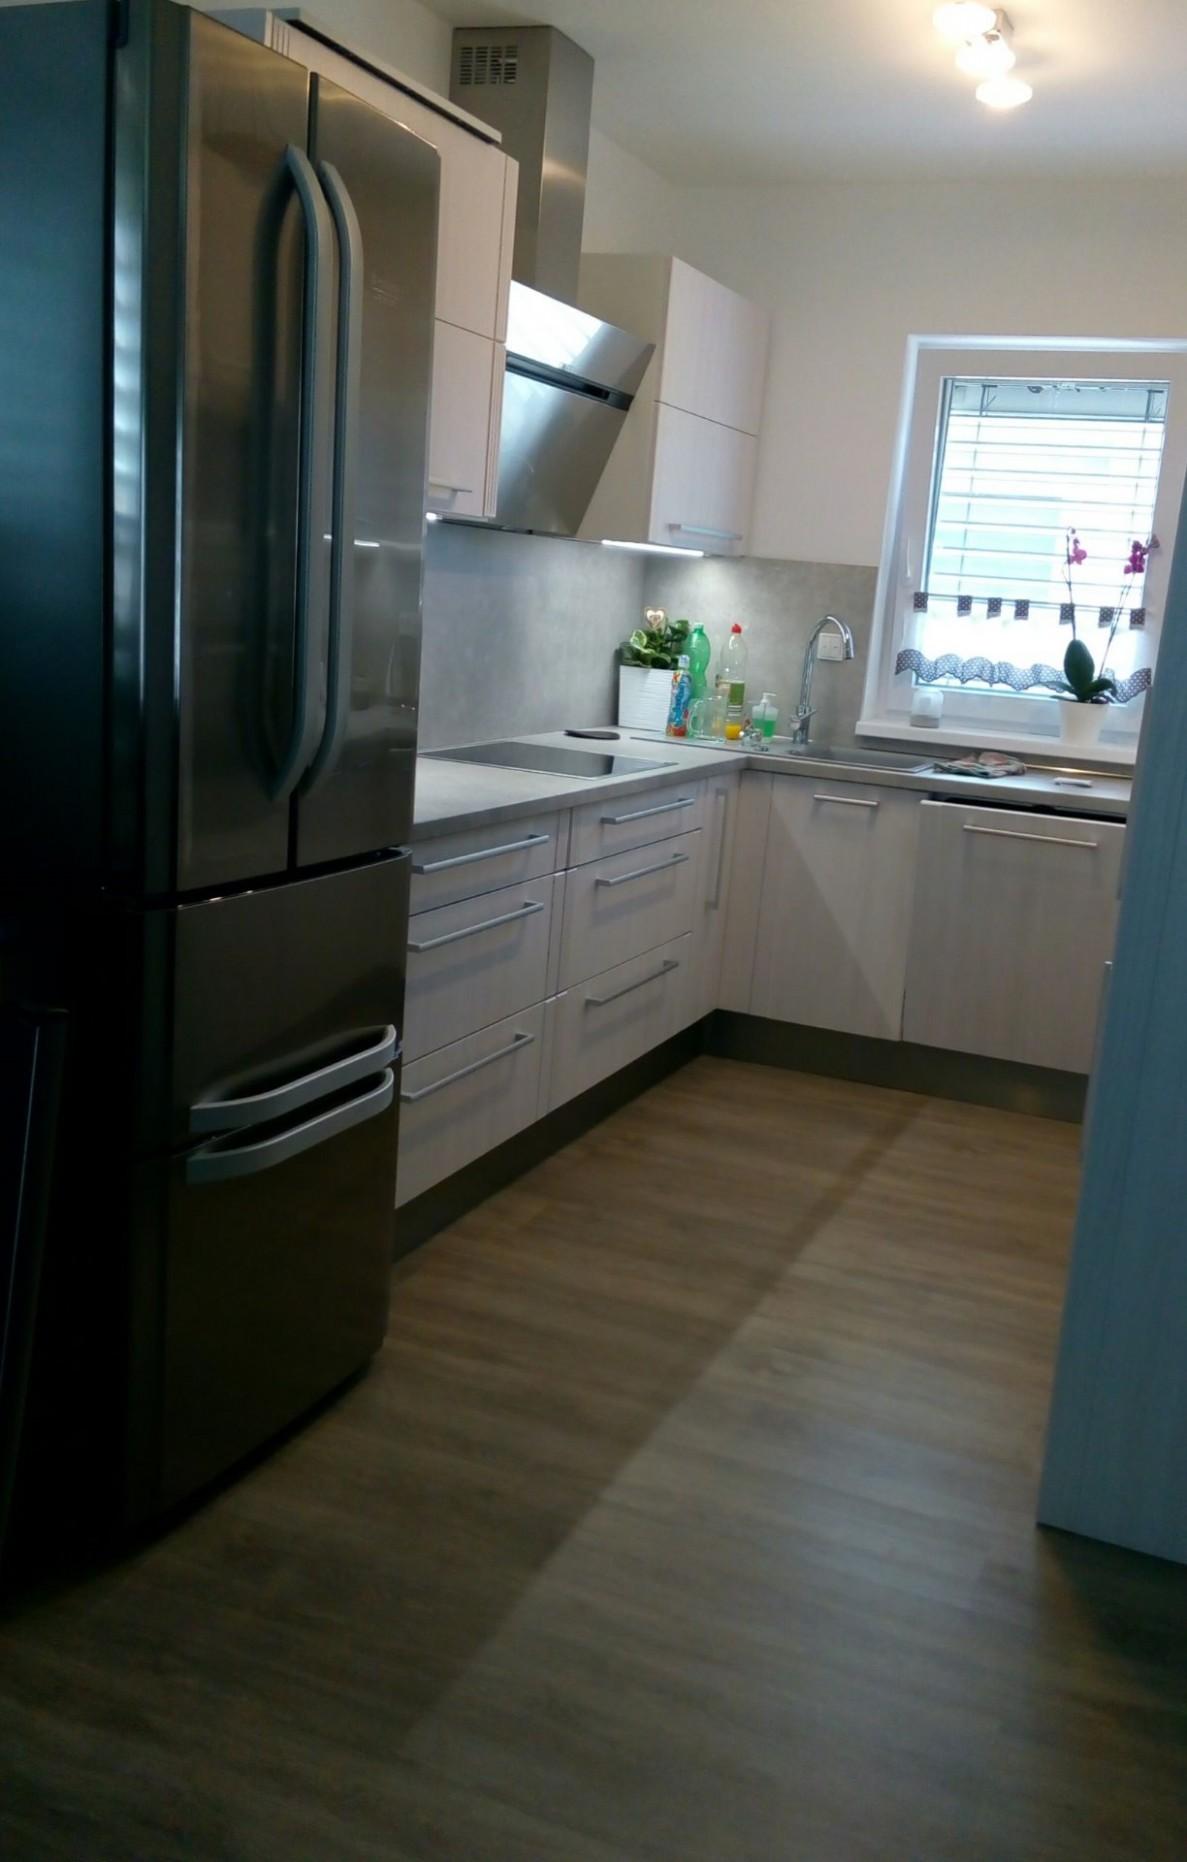 Výroba kuchyňských linek, vestavné spotřebiče, podlahy, interiérové ...